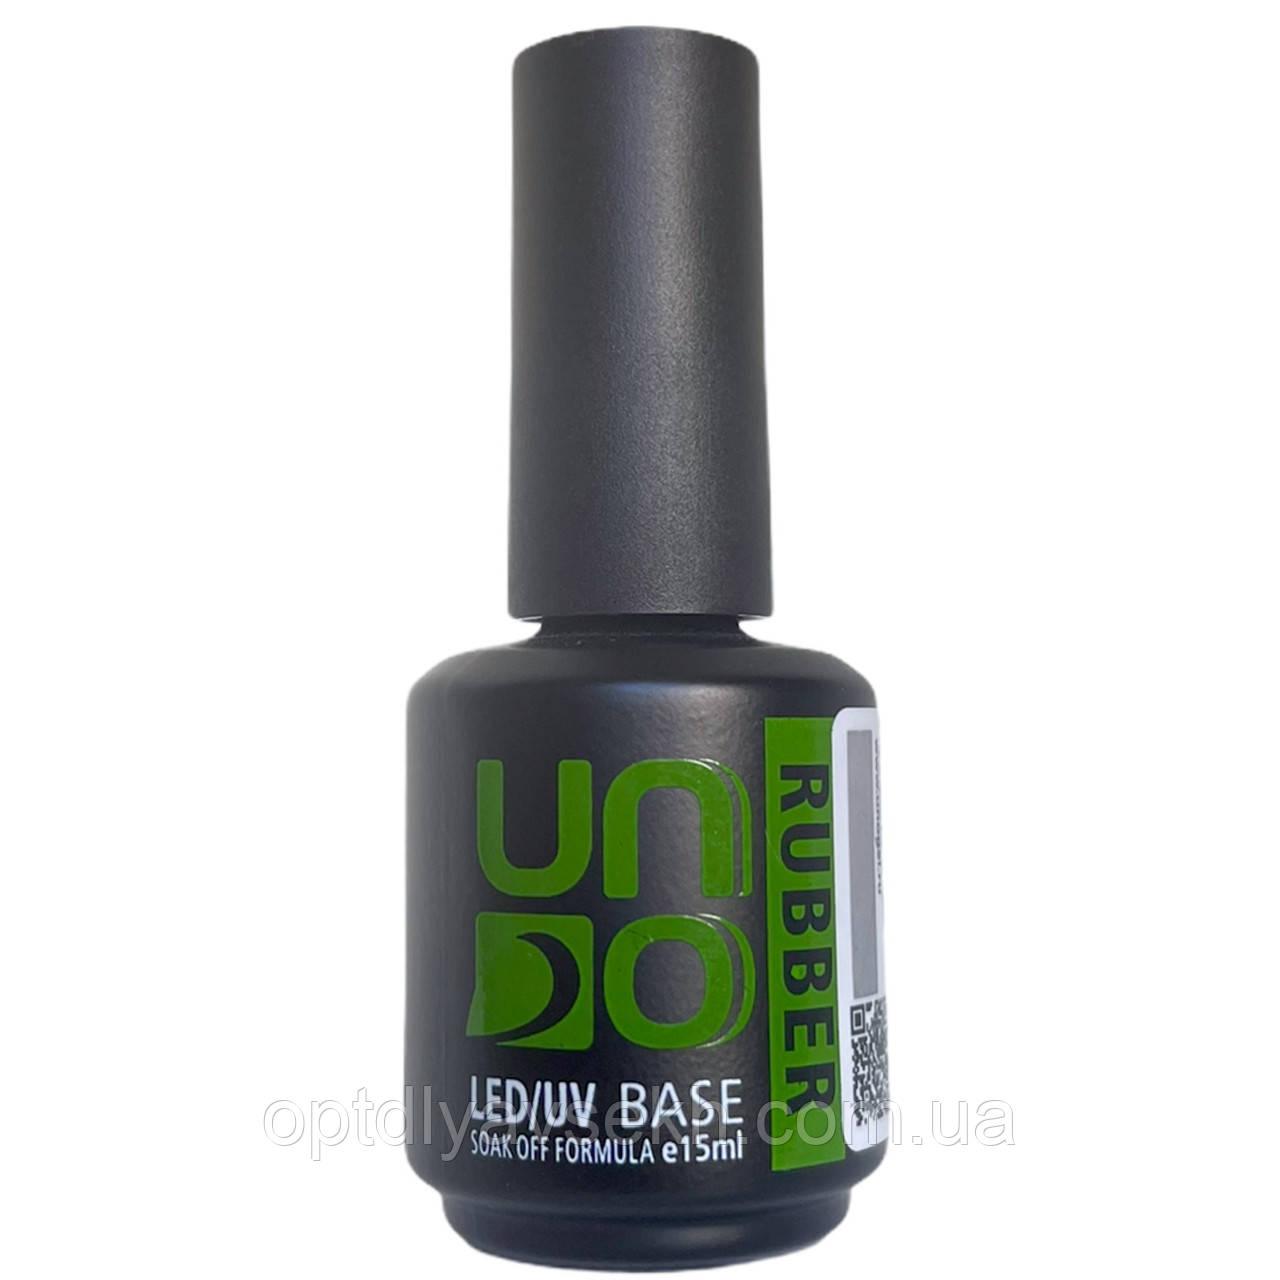 Каучуковое базовое покрытие для ногтей UNO Rubber Base, 15 мл.